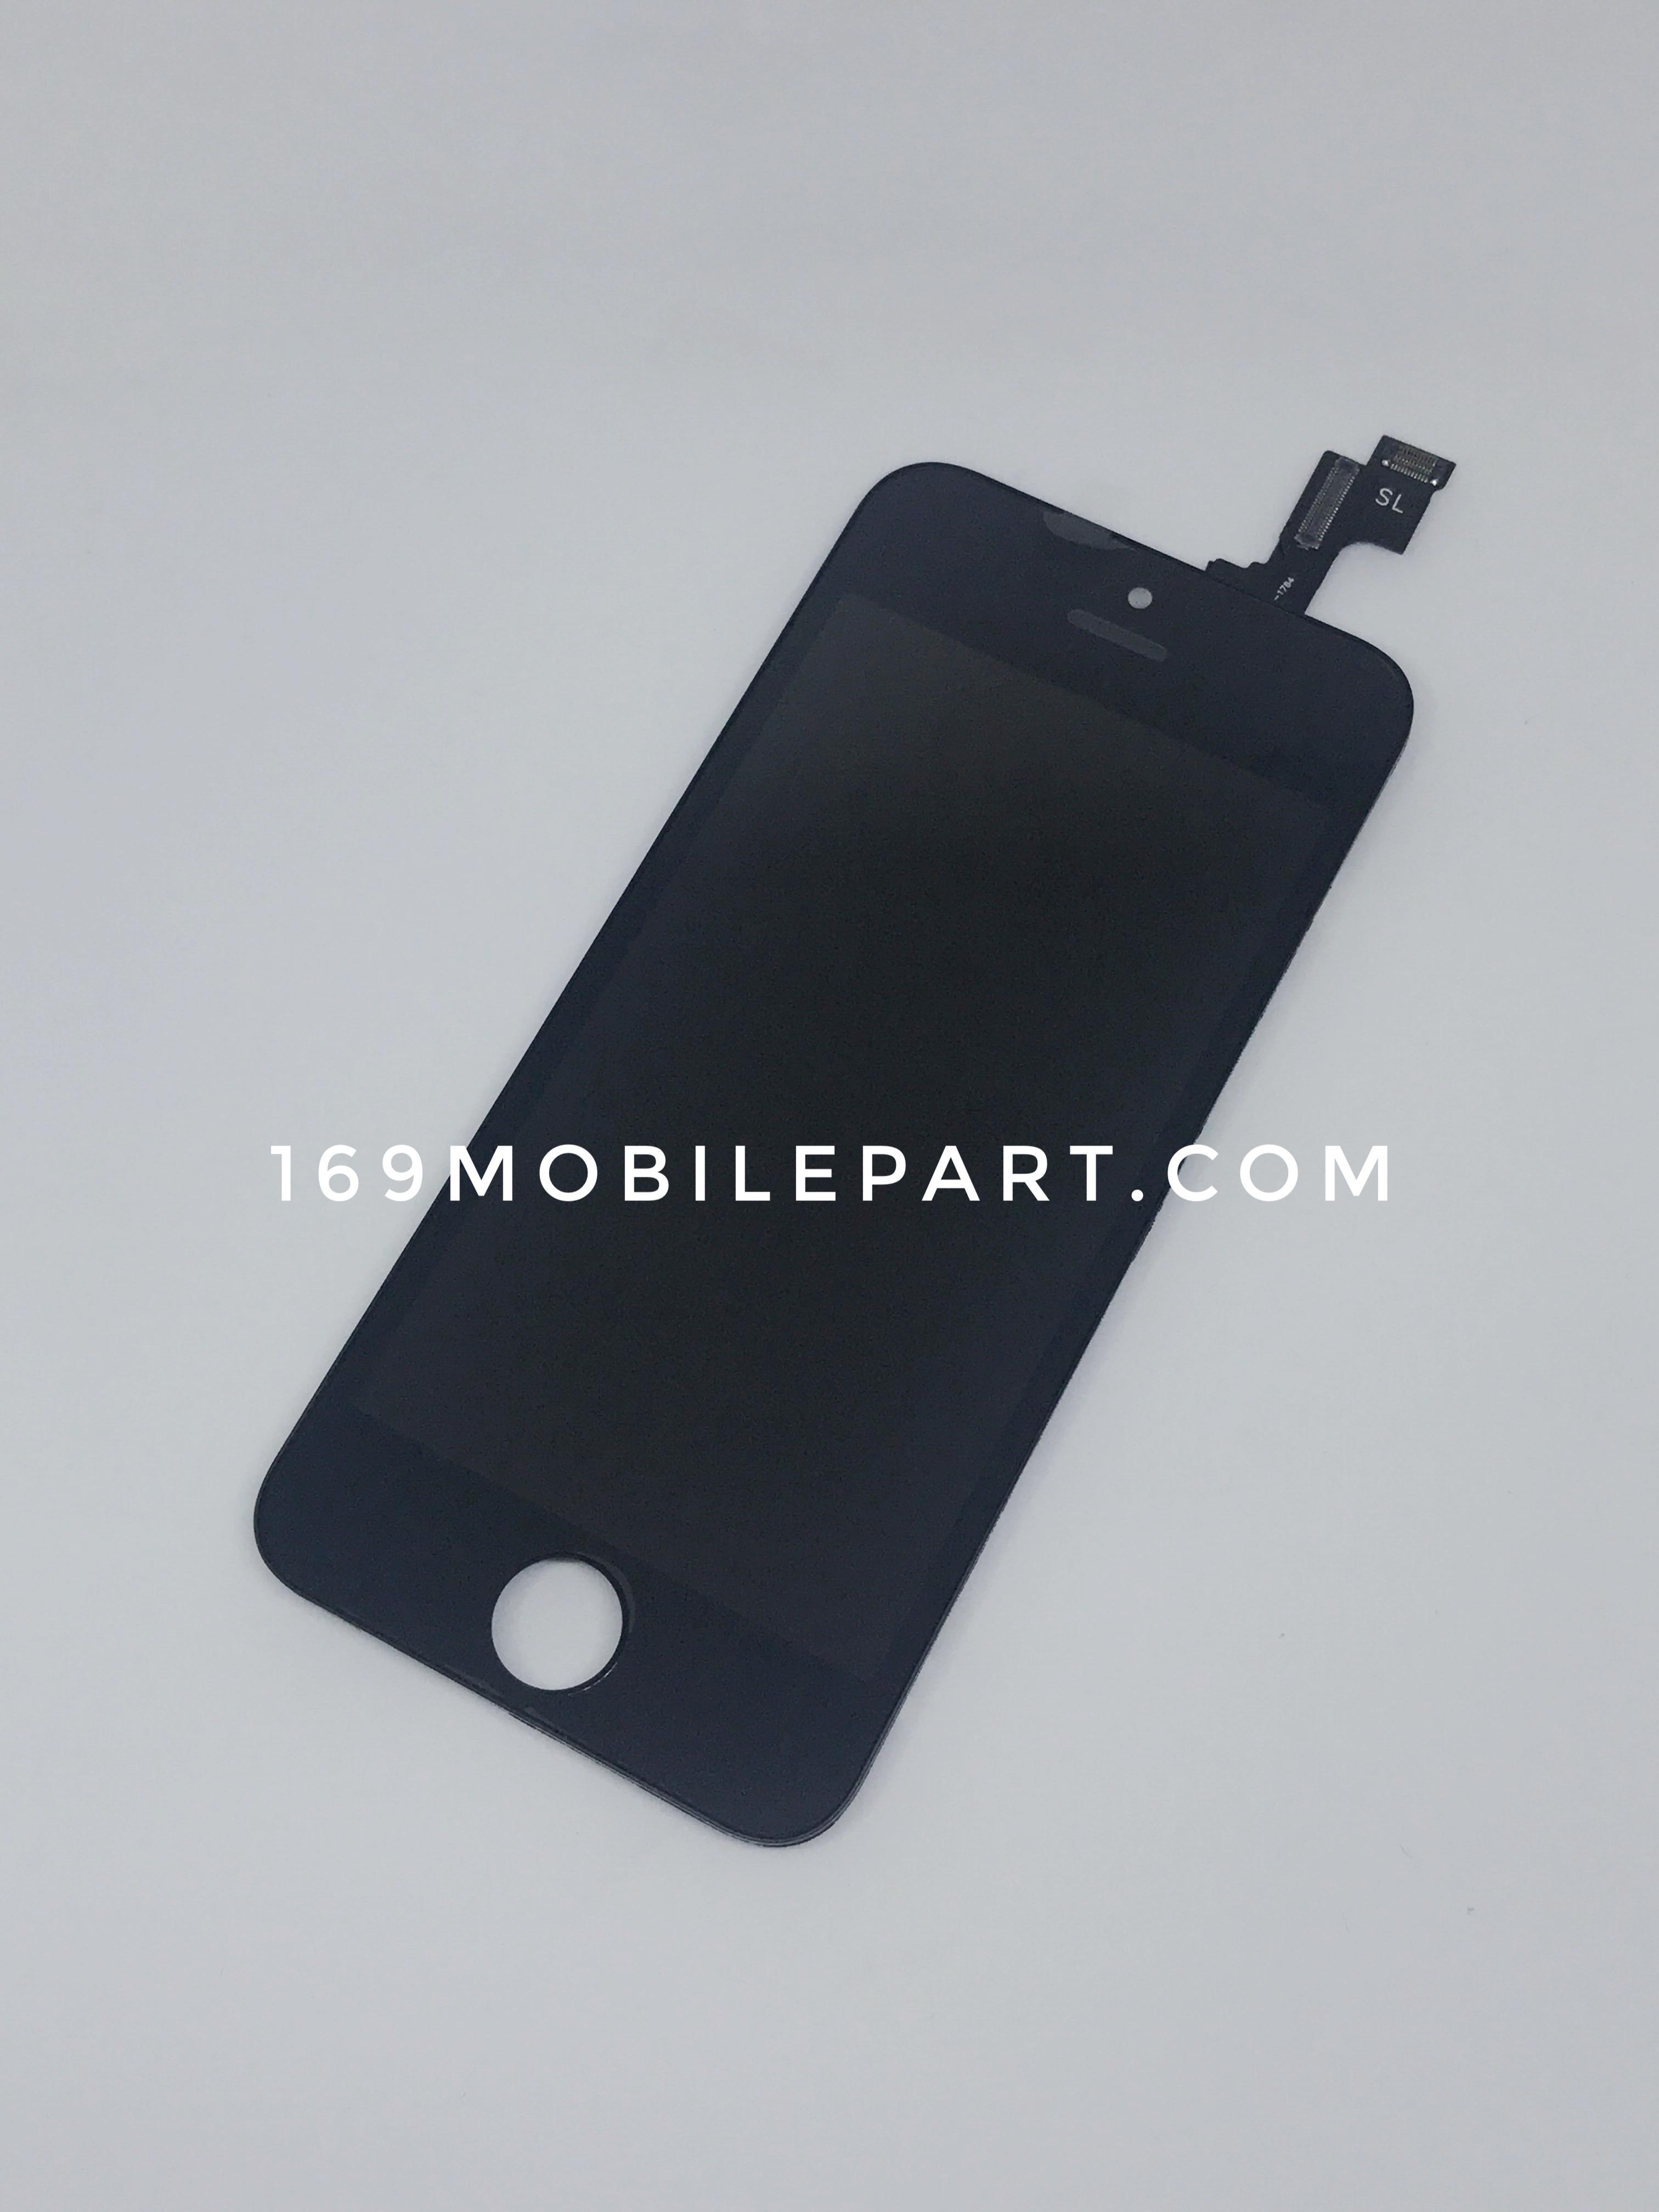 หน้าจอ iPhone 5S พร้อมทัช สีดำ งาน OEM